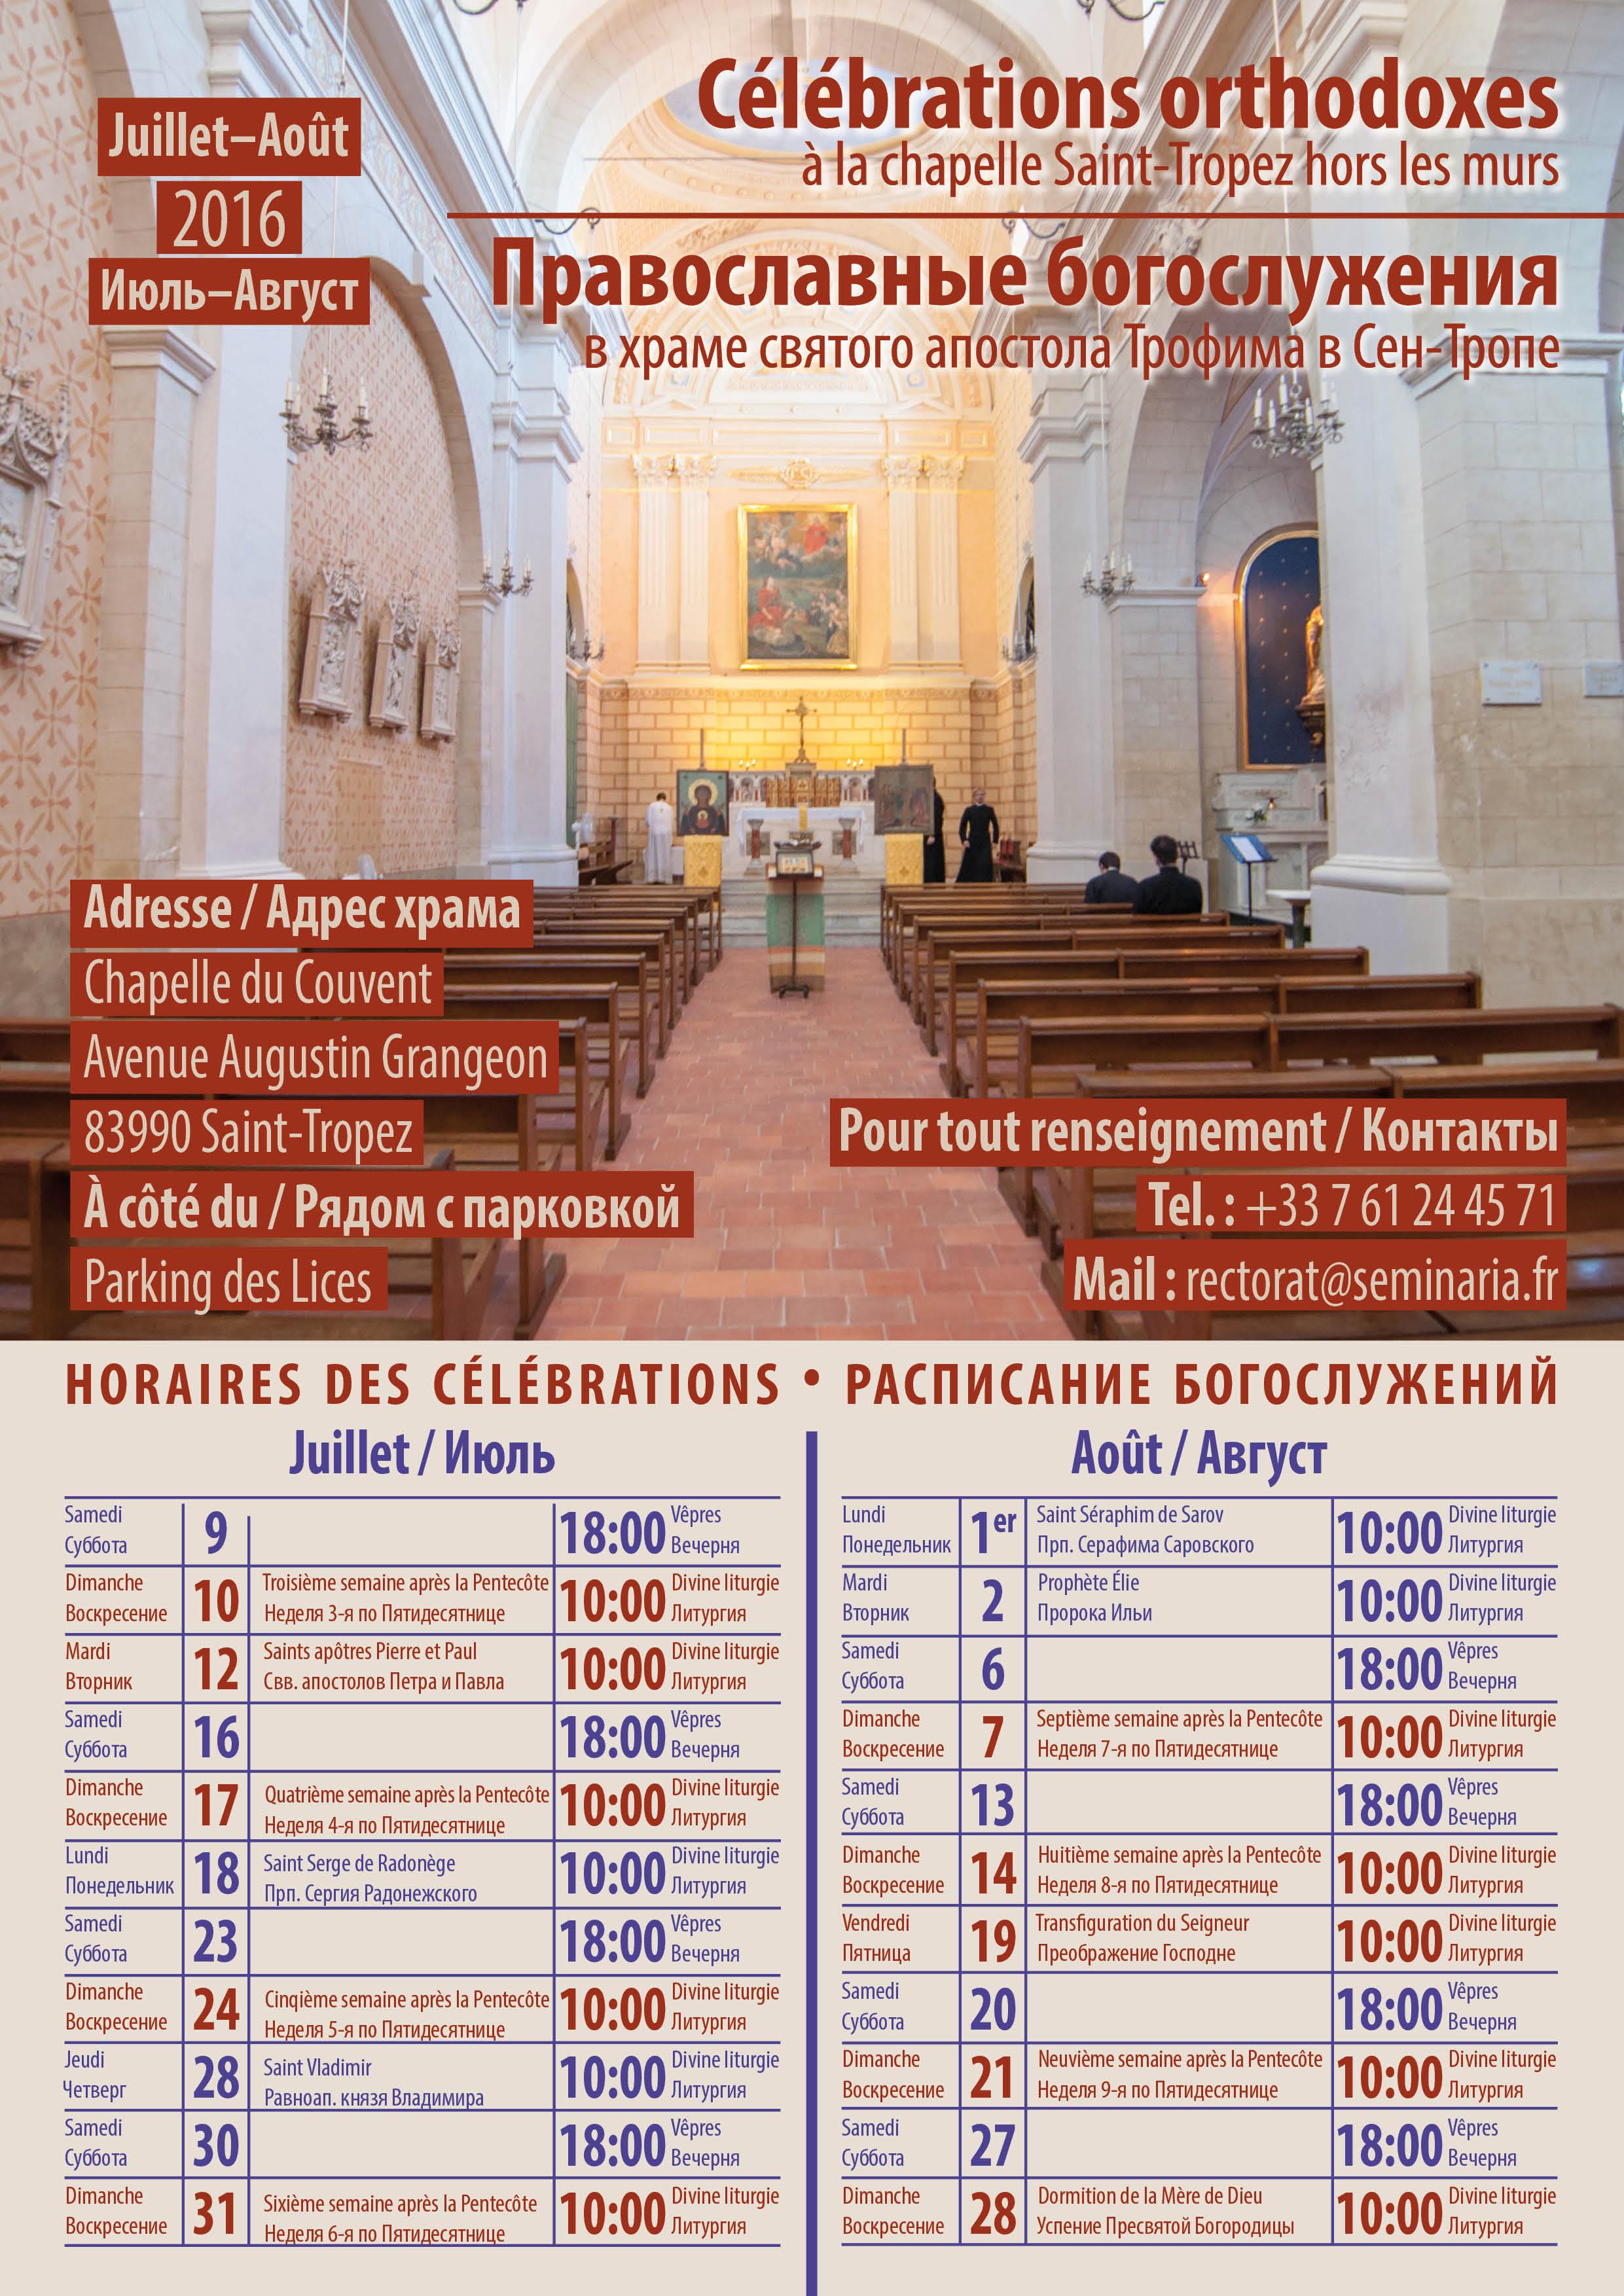 Célébrations orthodoxes à Saint-Tropez en juillet et août 2016